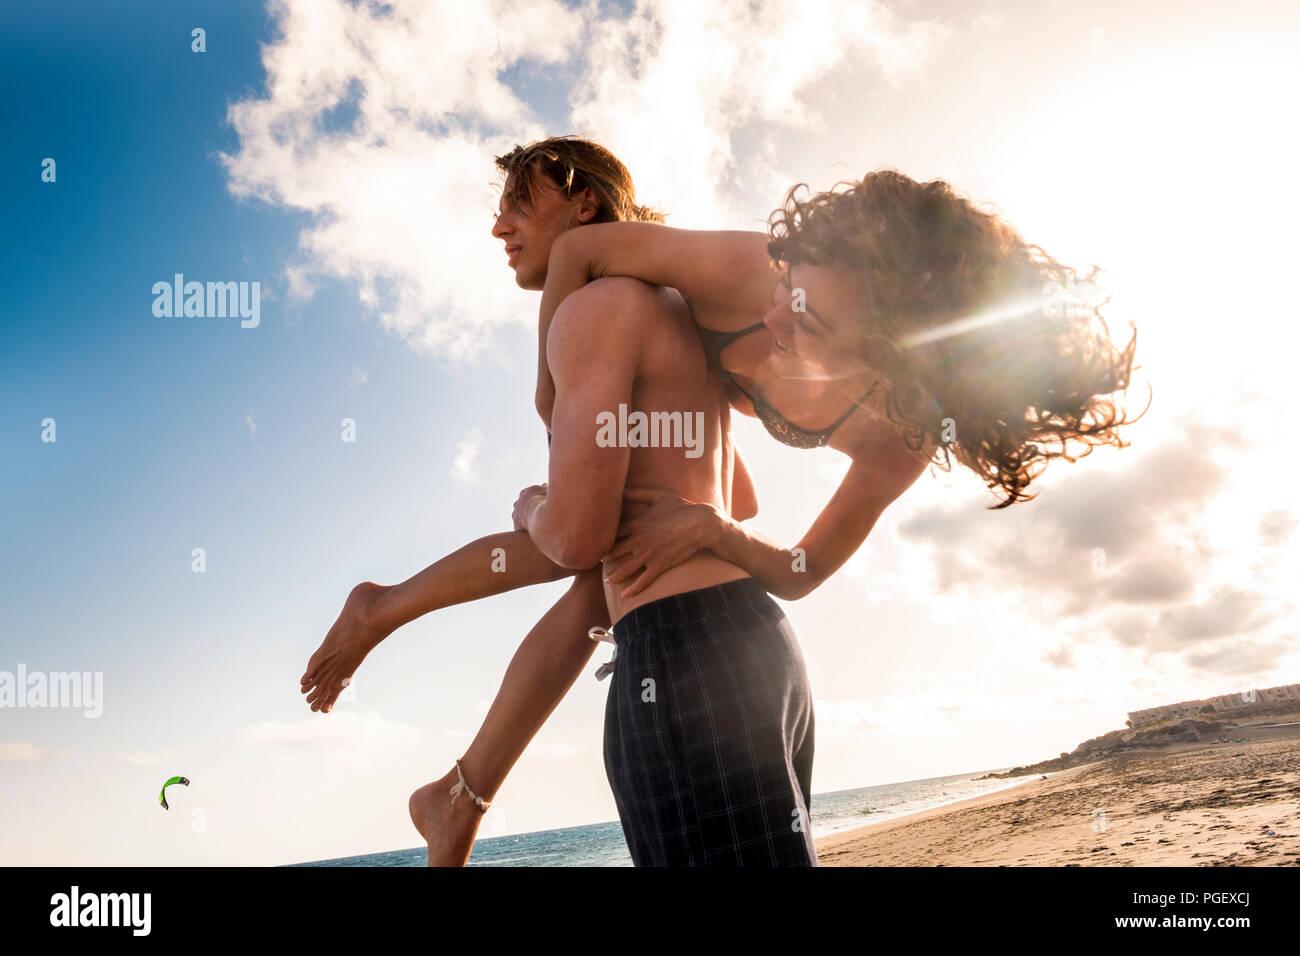 Un sacco di divertimento in spiaggia con allegra e bella coppia caucasica. l uomo portare la ragazza piuttosto sulla sua spalla come un sacco e tutti ridere un sacco e Immagini Stock